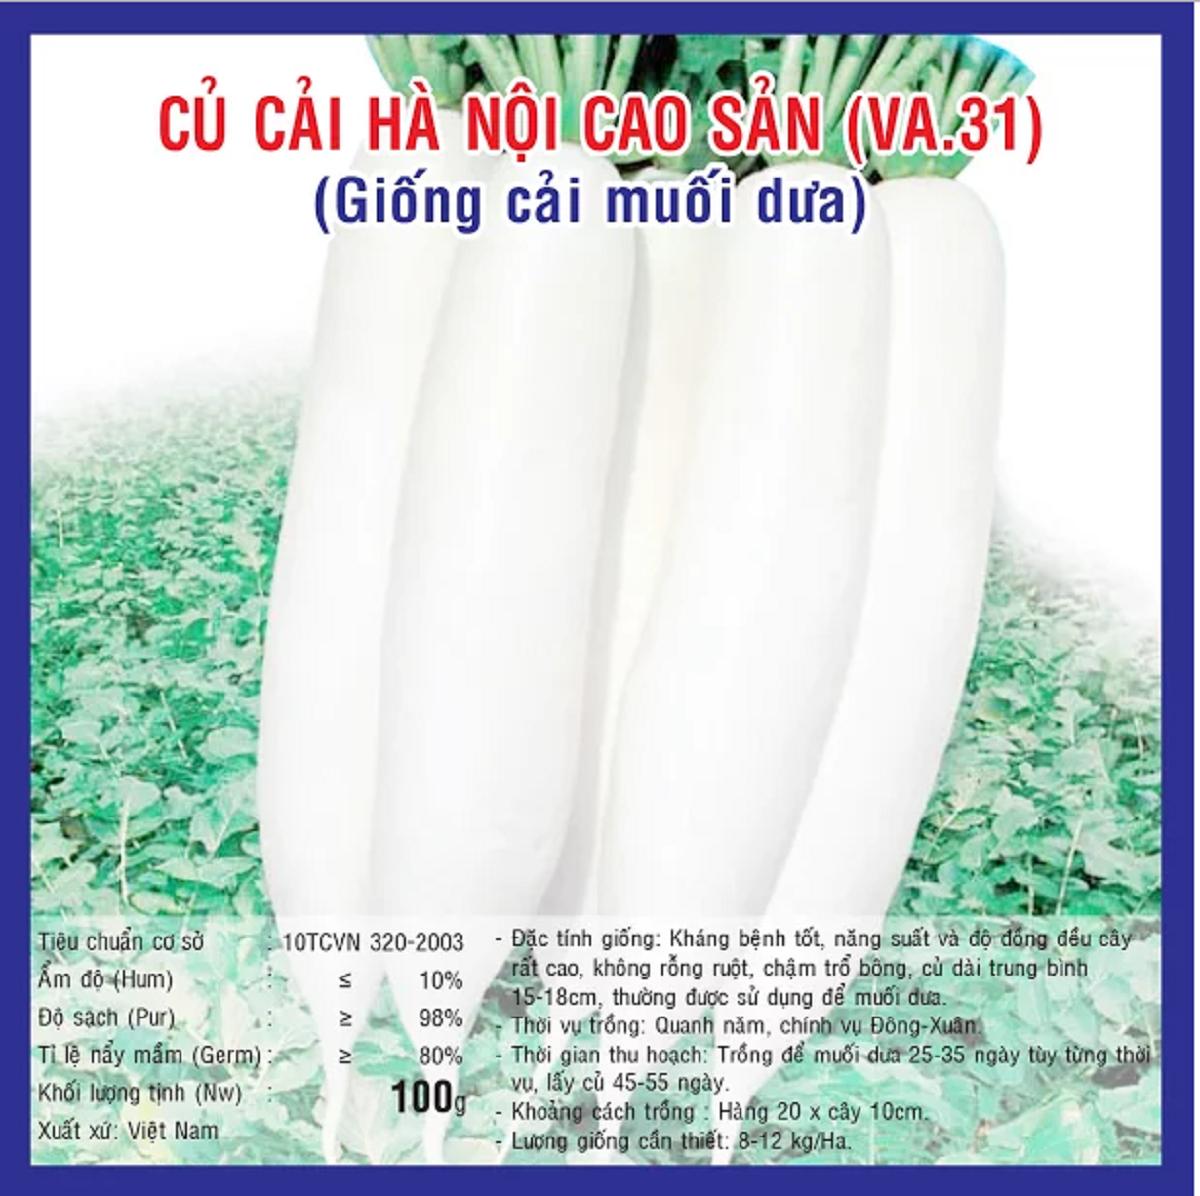 CỦ CẢI HÀ NỘI CAO SẢN  (VA.31) 100 gram